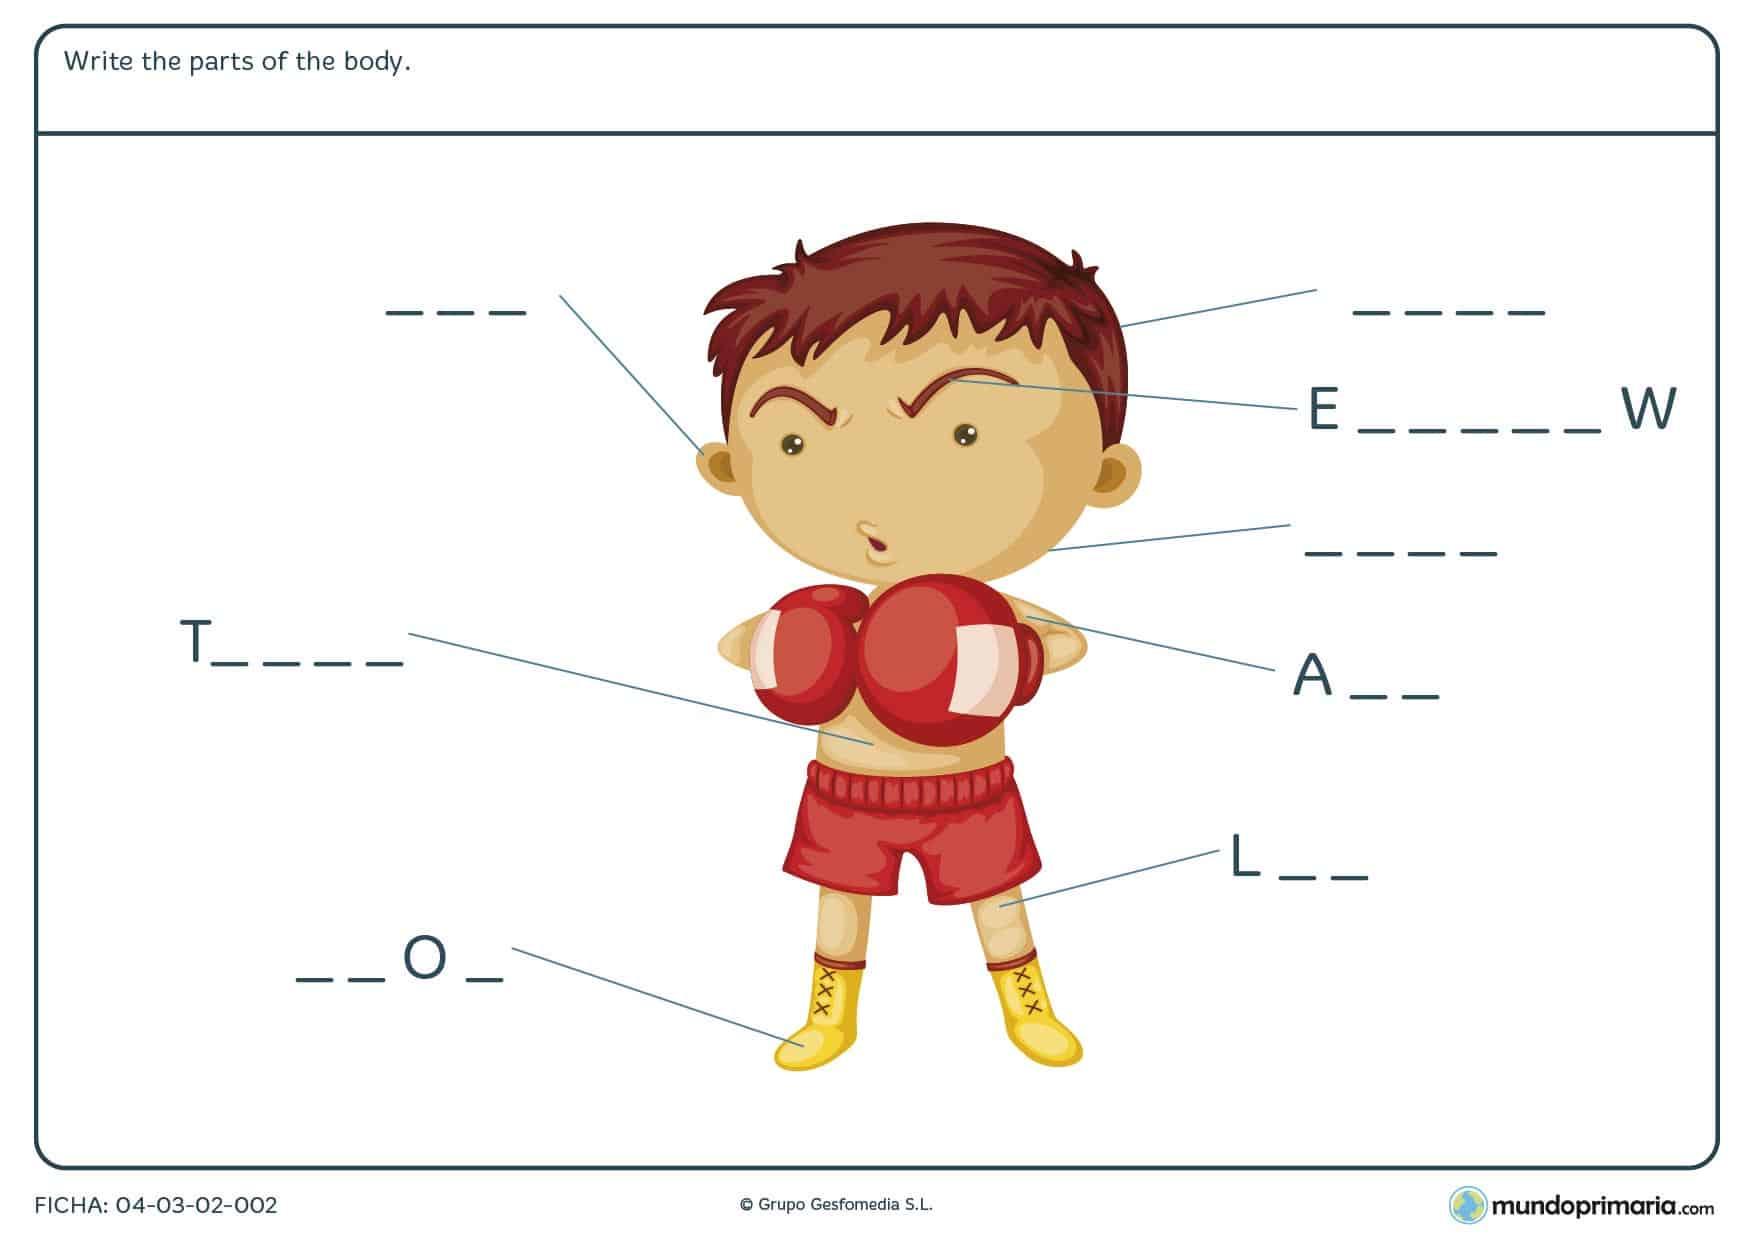 Ficha de body para primaria. Descarga esta ficha para estudiar inglés para niños de primaria